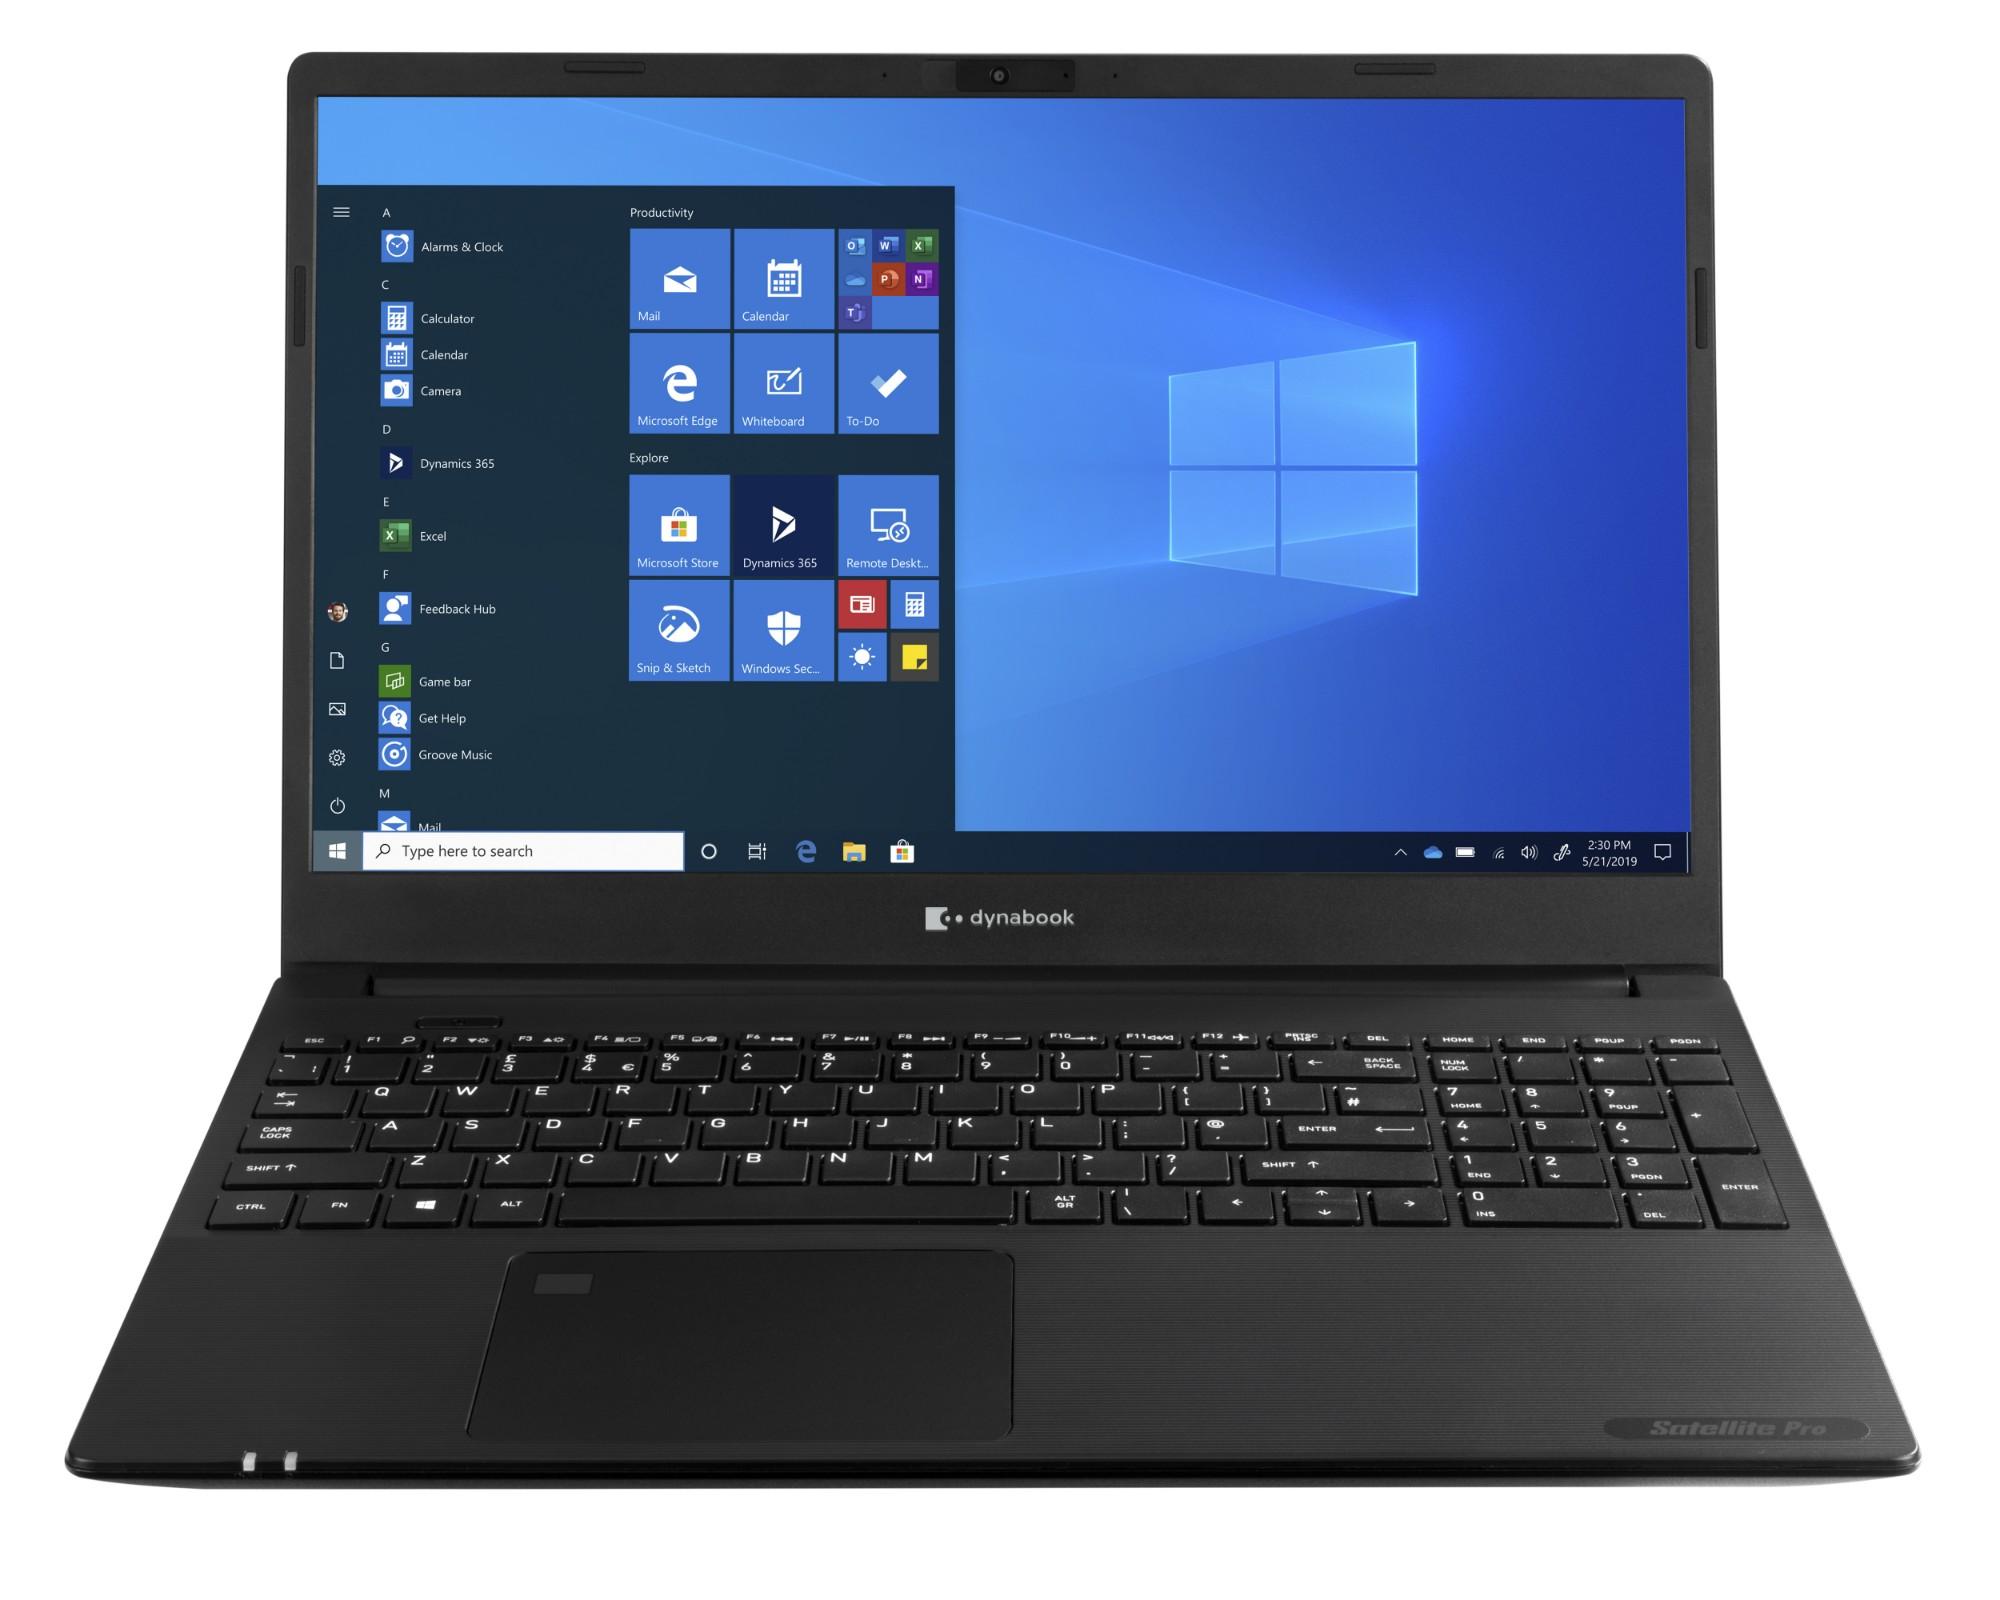 Satellite Pro L50-g-132 Black - 15.6in - i5 10210u - 8GB Ram - 256GB SSD - Win10 Pro - Qwerty Uk